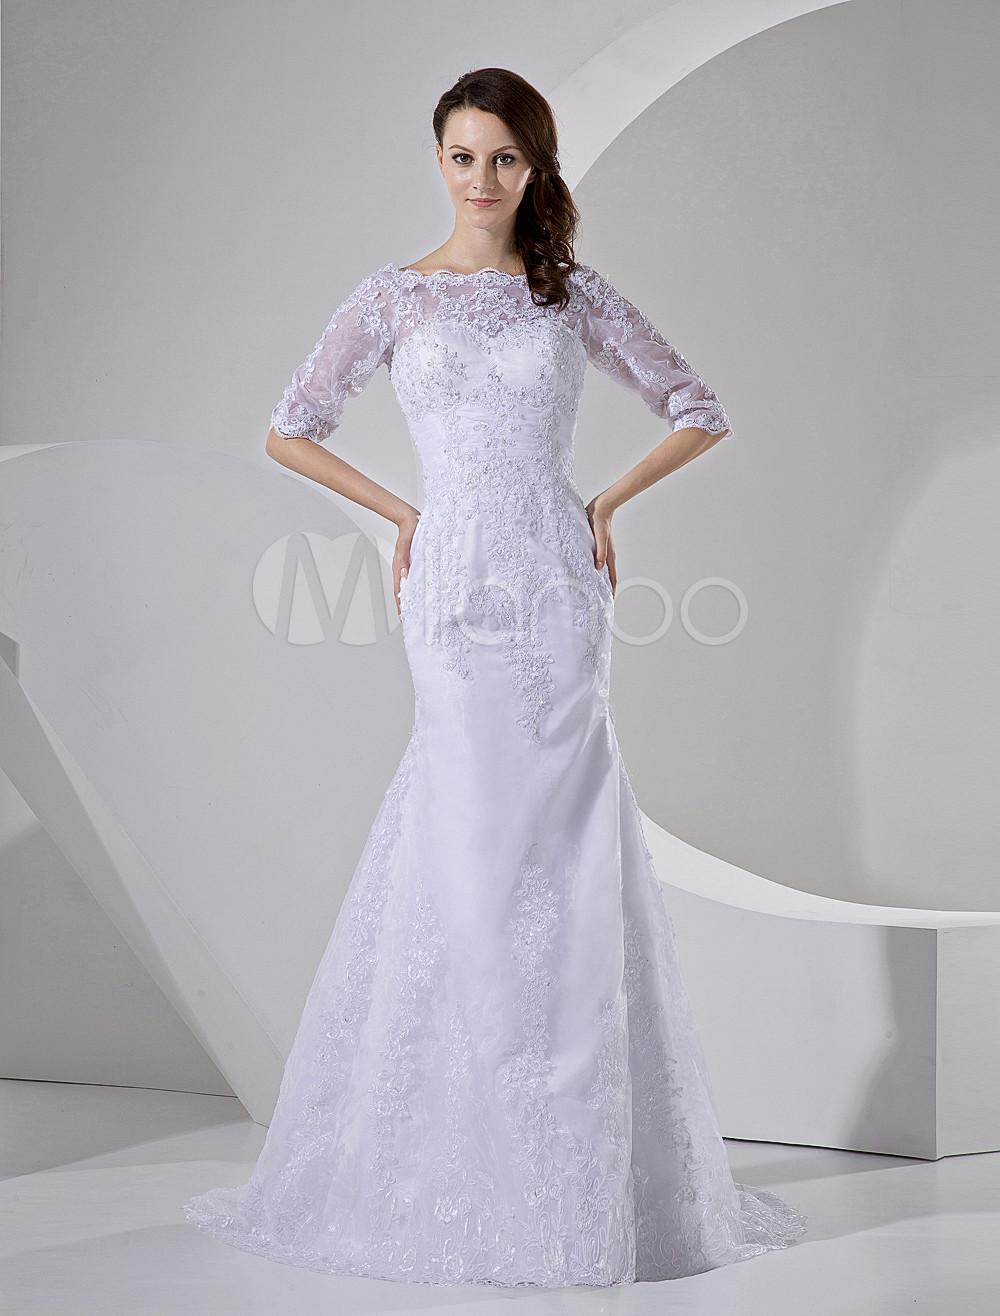 White Wedding Dress Mermaid Bateau Neck Lace Beading Half Sleeve Bridal Dress With Train